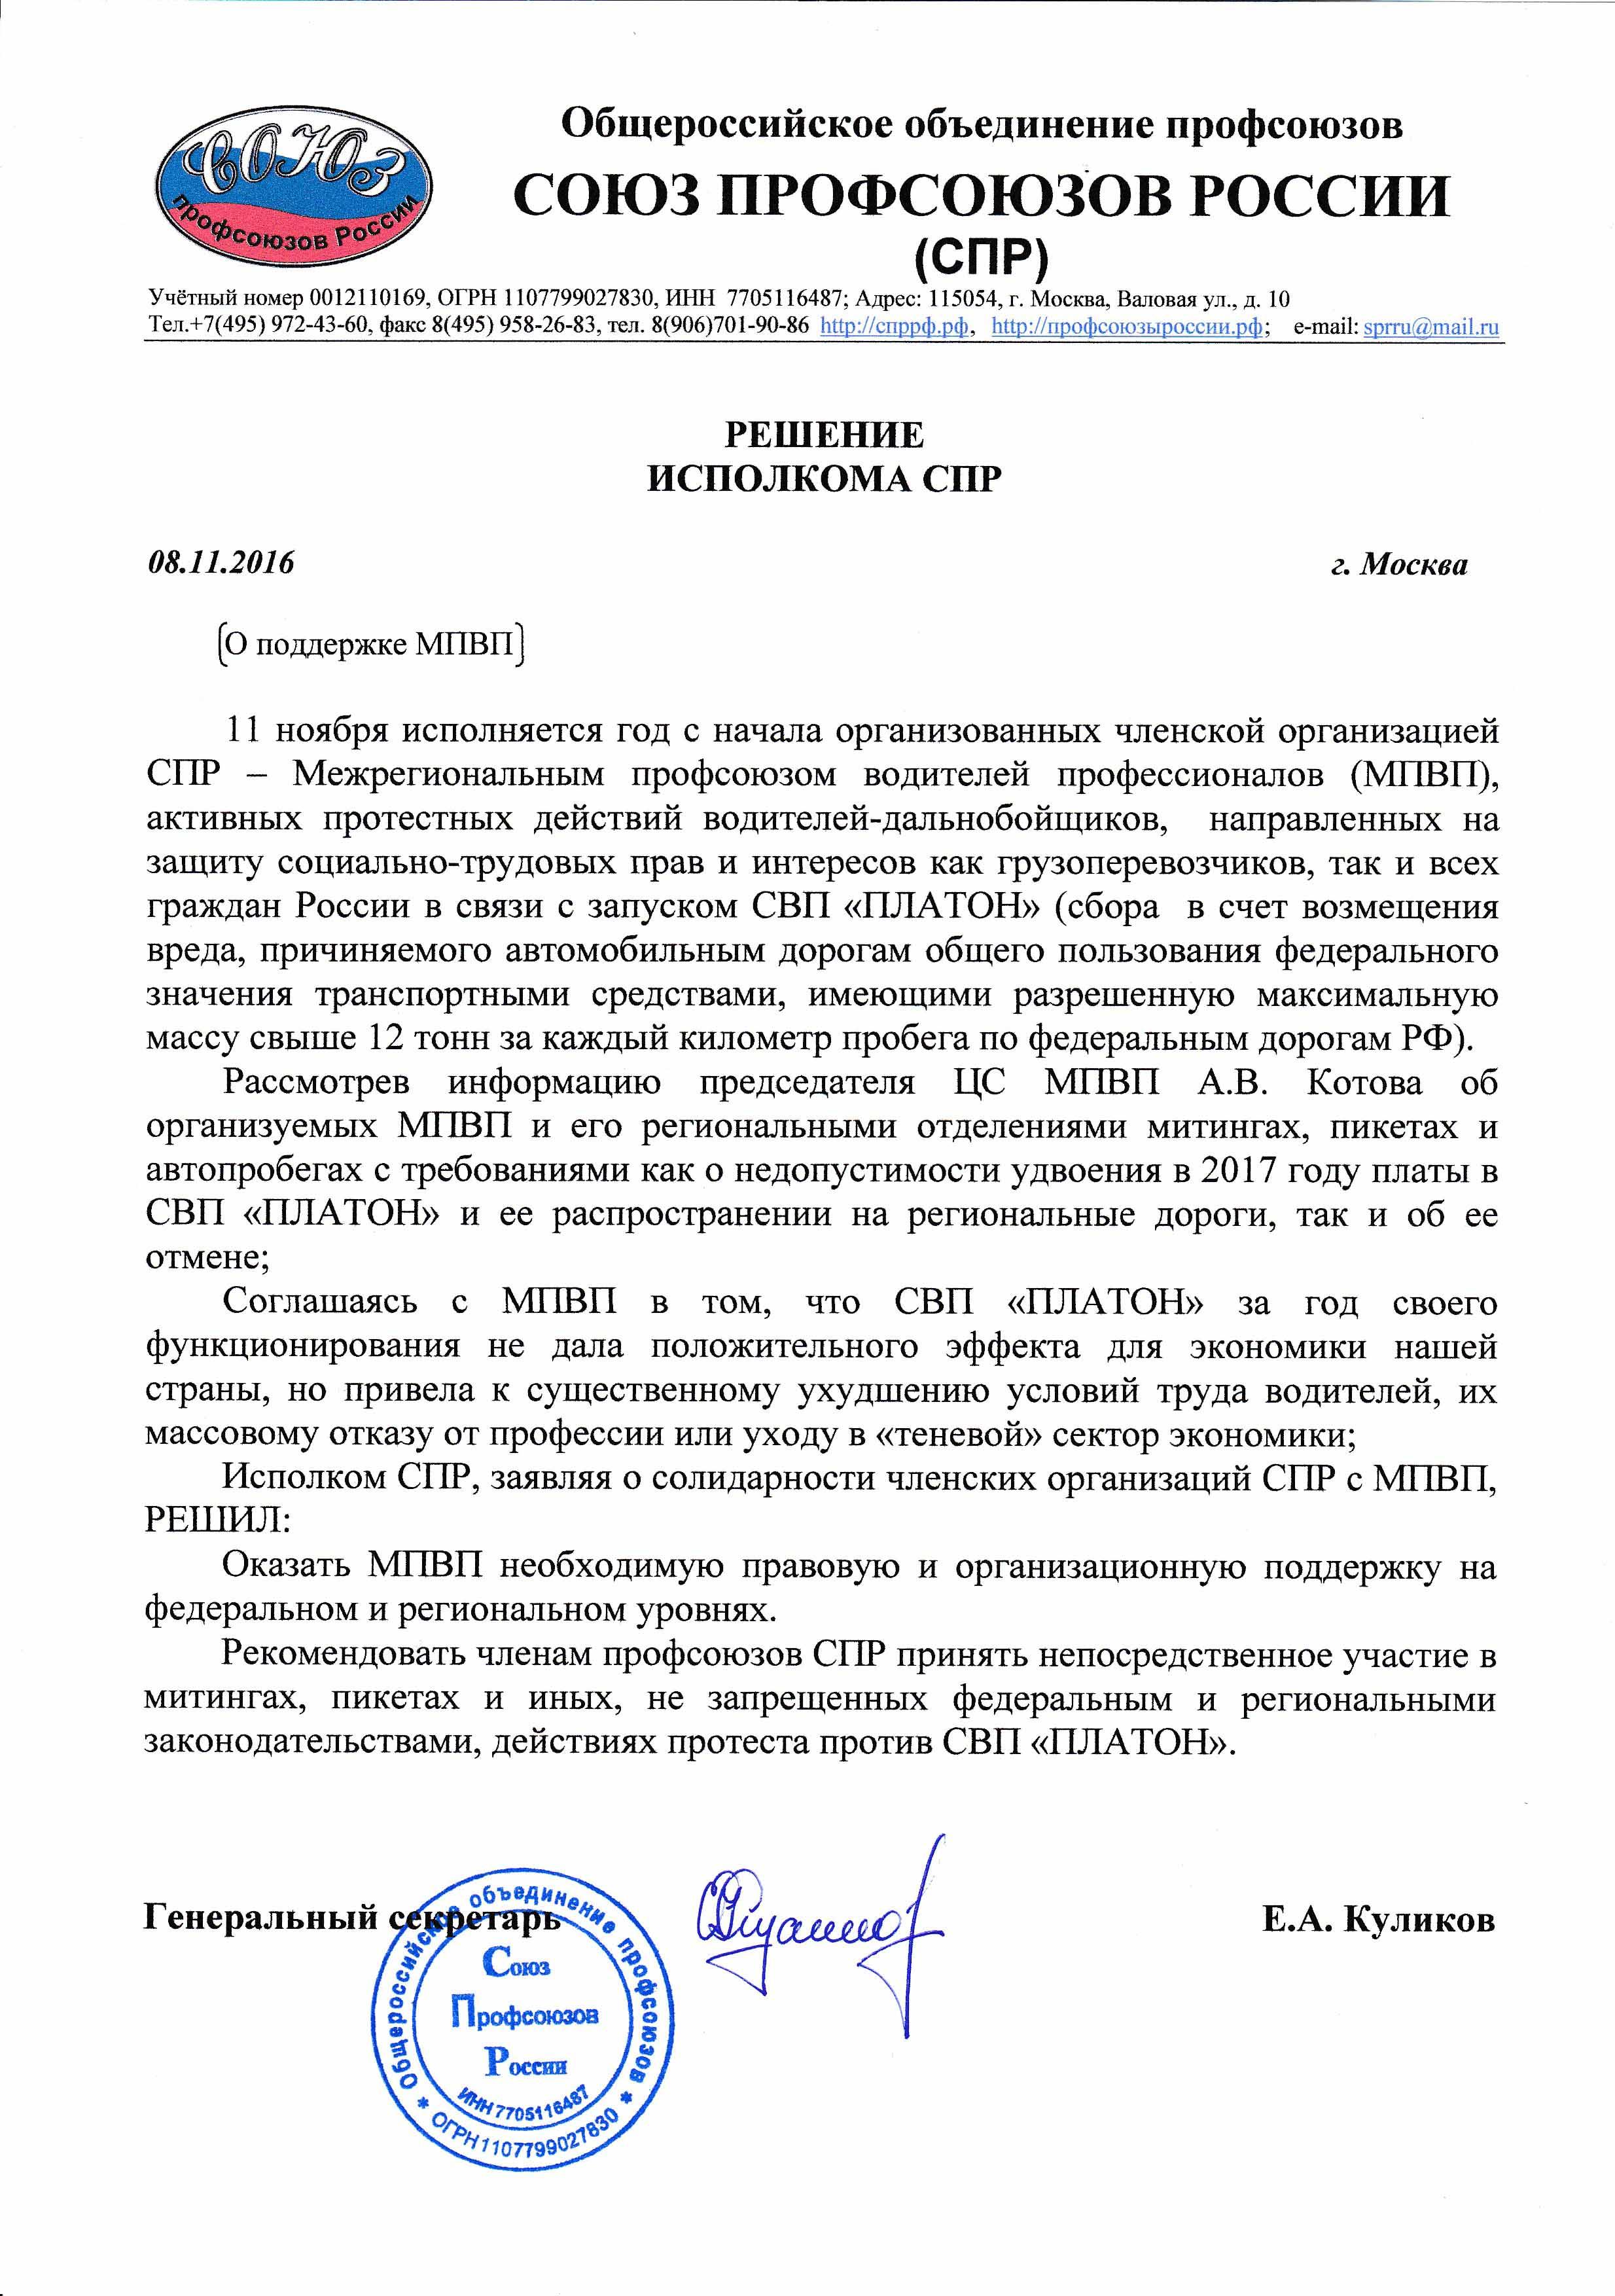 Решение Исполкома СПР от 08.11.2016(1).jpg